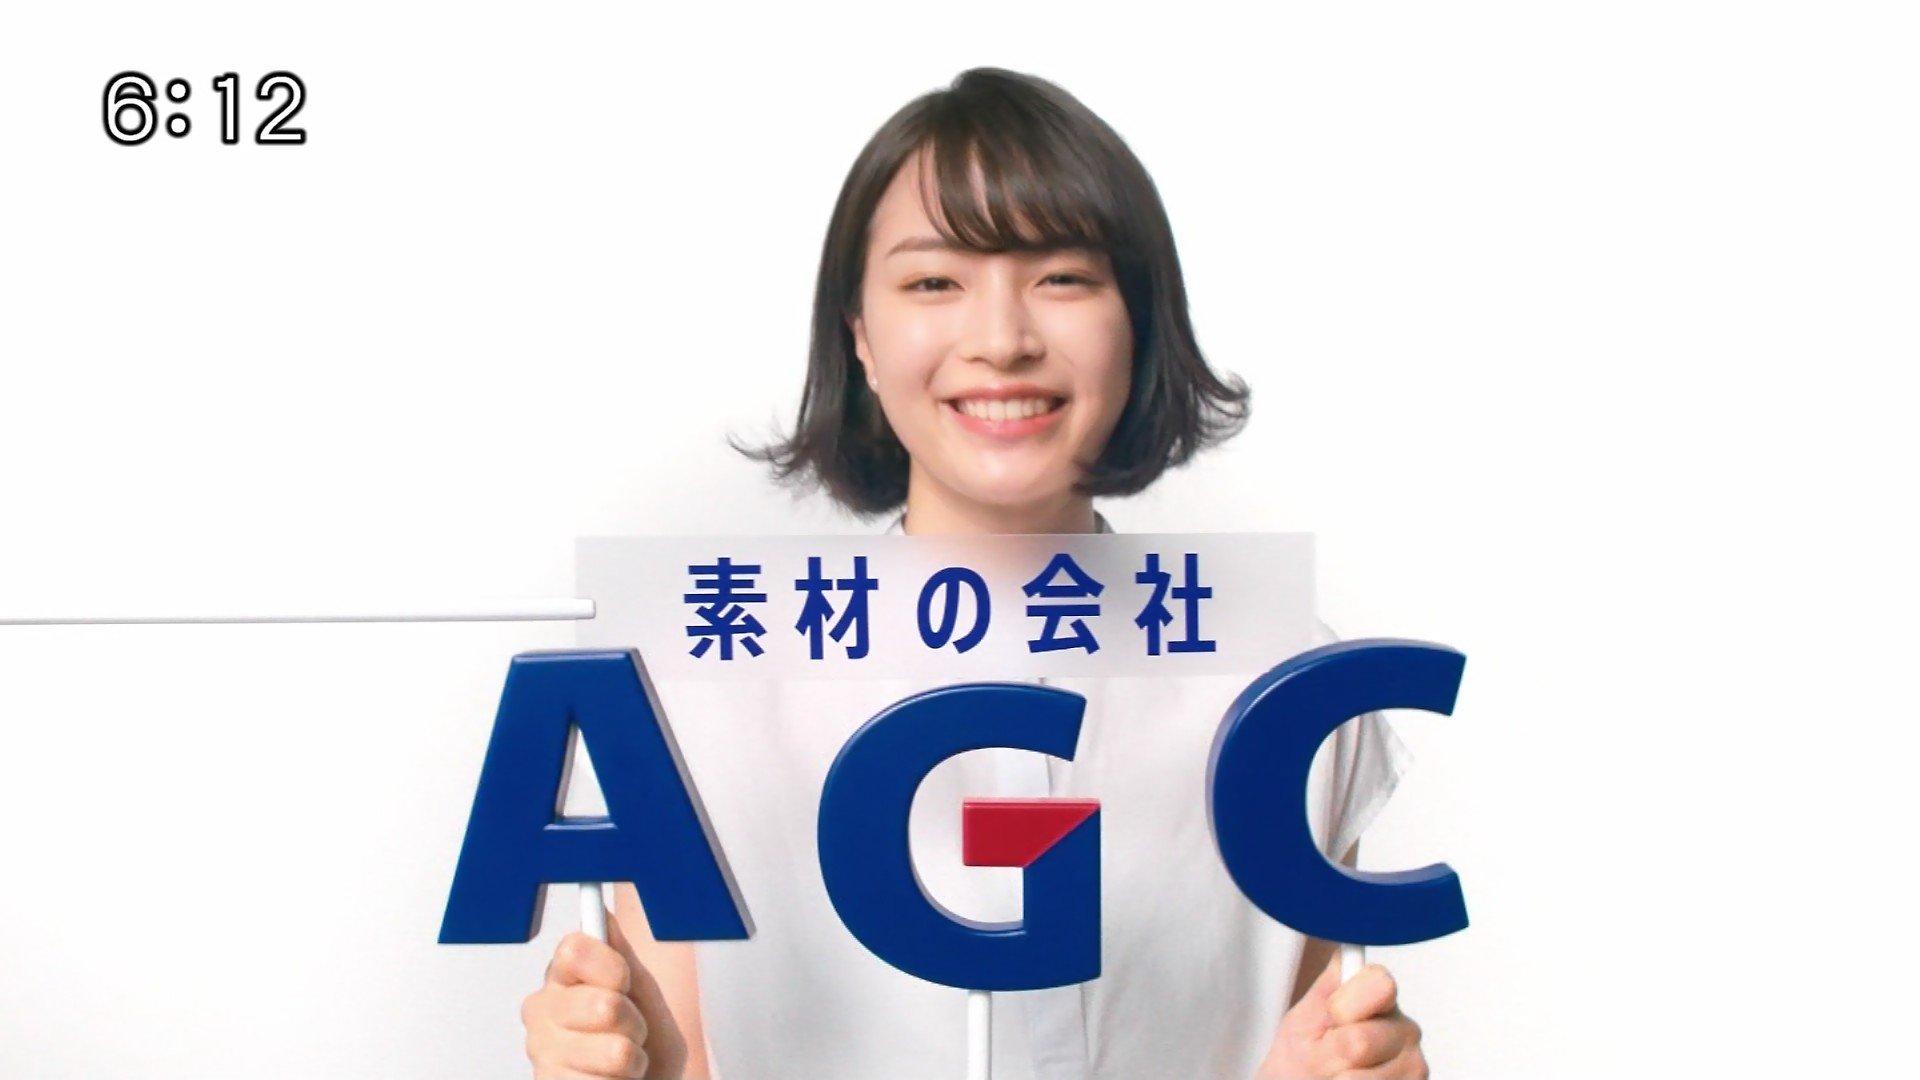 【コロハゲ速報】広瀬すずさん、コロナ後遺症でハゲ散らかす(画像あり)